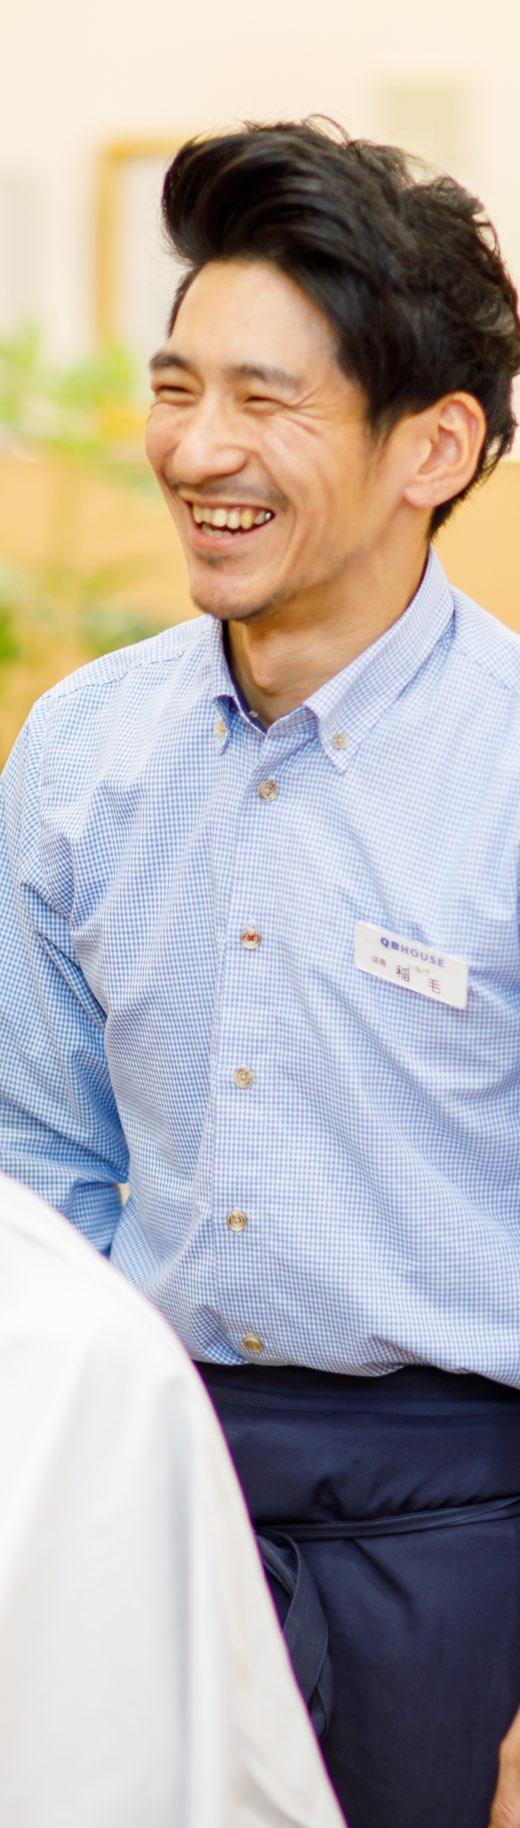 写真:笑顔のスタッフ